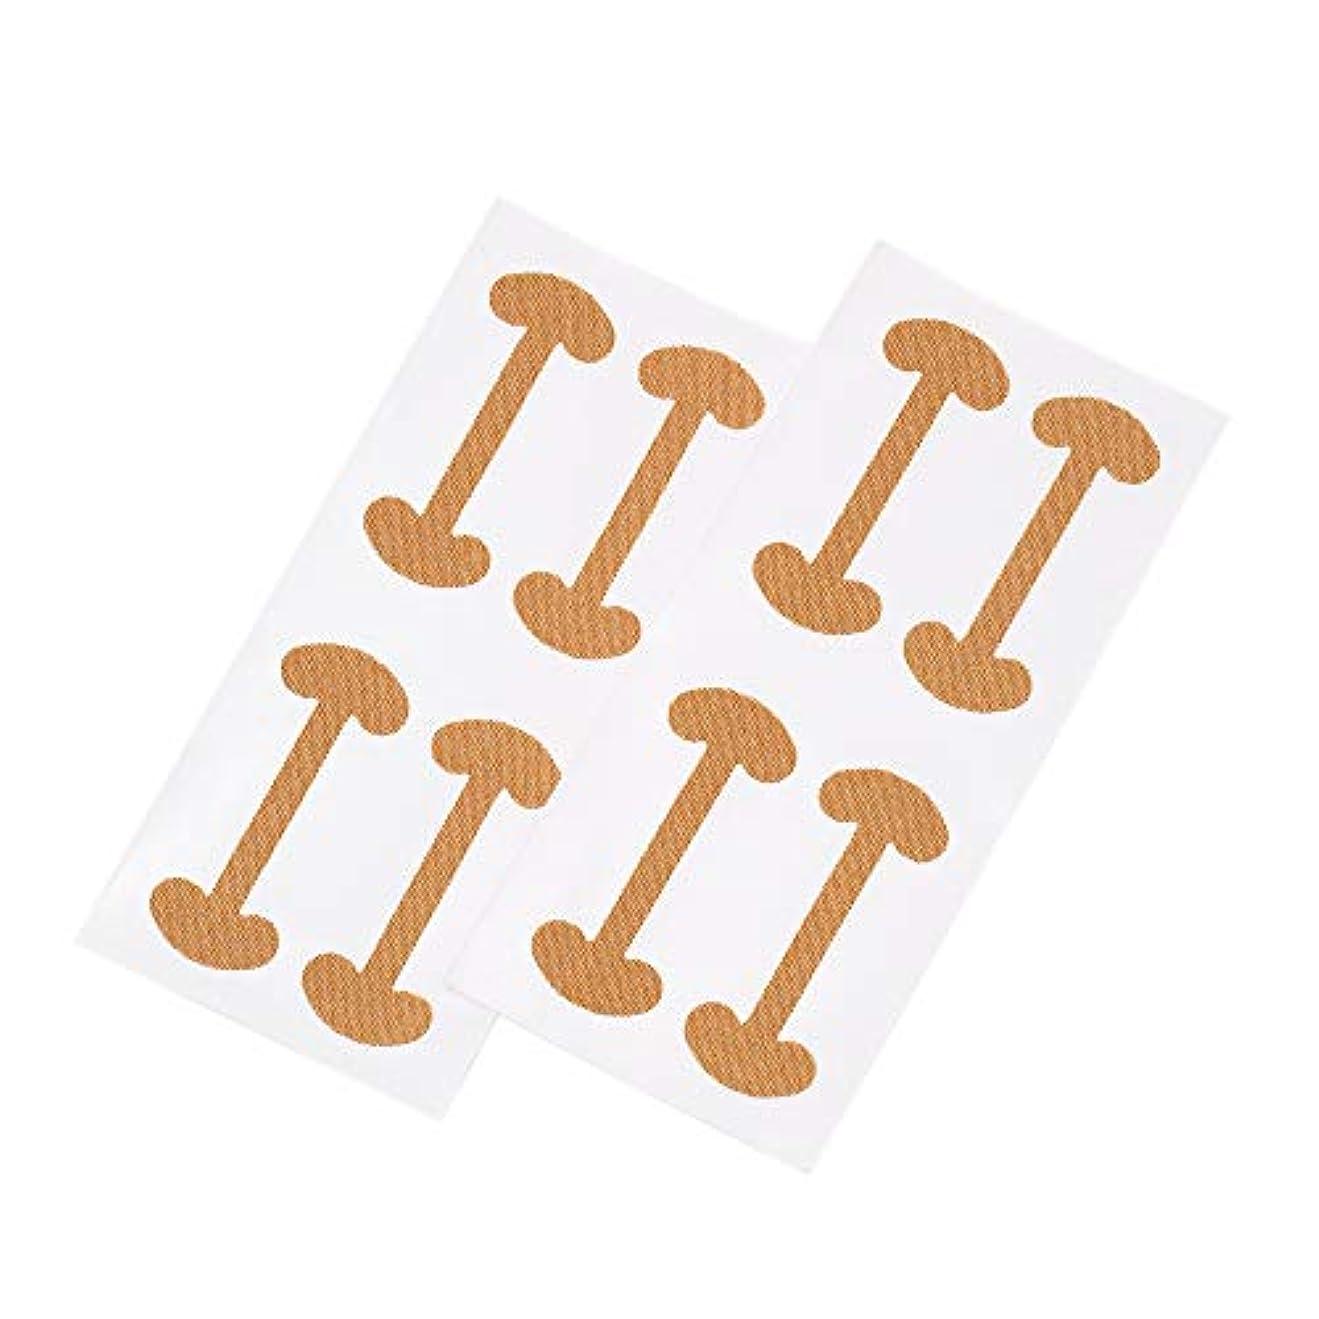 奴隷授業料ステレオDecdeal 8ピース 巻き爪 ケアテープ まきずめ 矯正 巻きヅメ 矯正 爪の治療 爪の矯正パッチ 爪リフタ